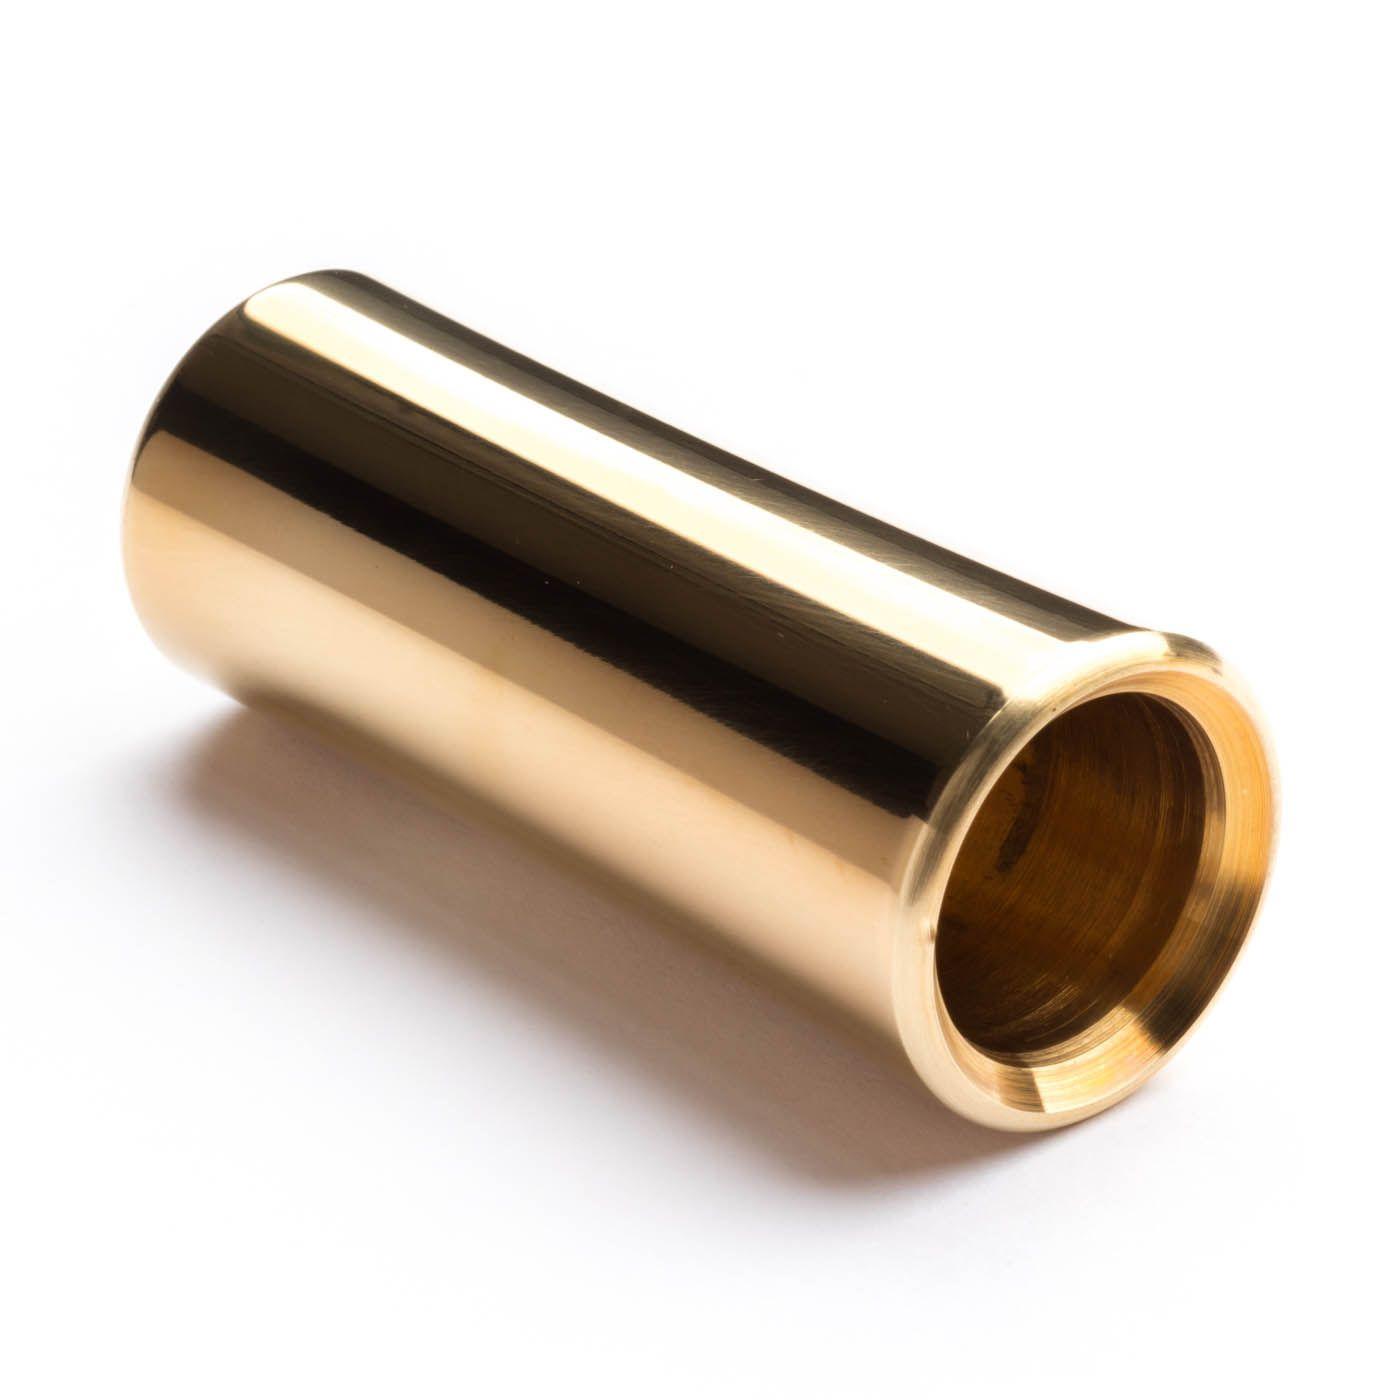 Slide de Latão Dunlop Signature Eric Sardina Preachin Pipe 284 Dourado Med.